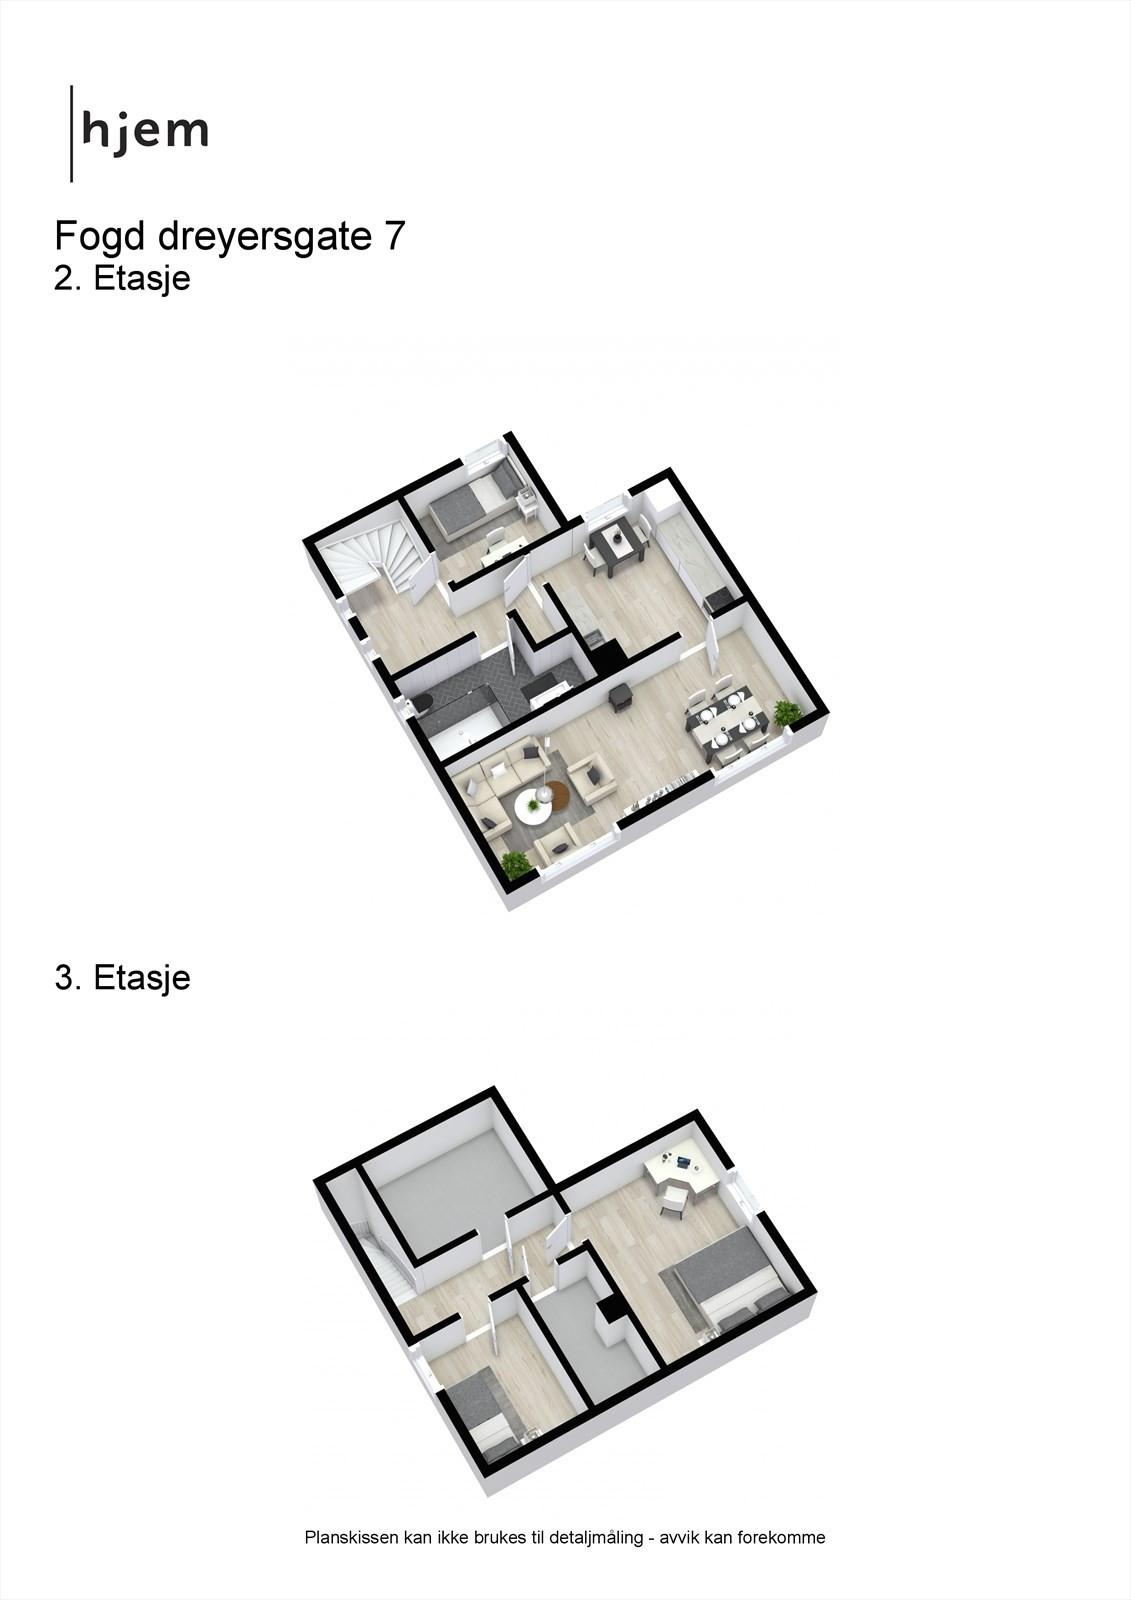 Fogd dreyersgate 7 - 3D - Combined